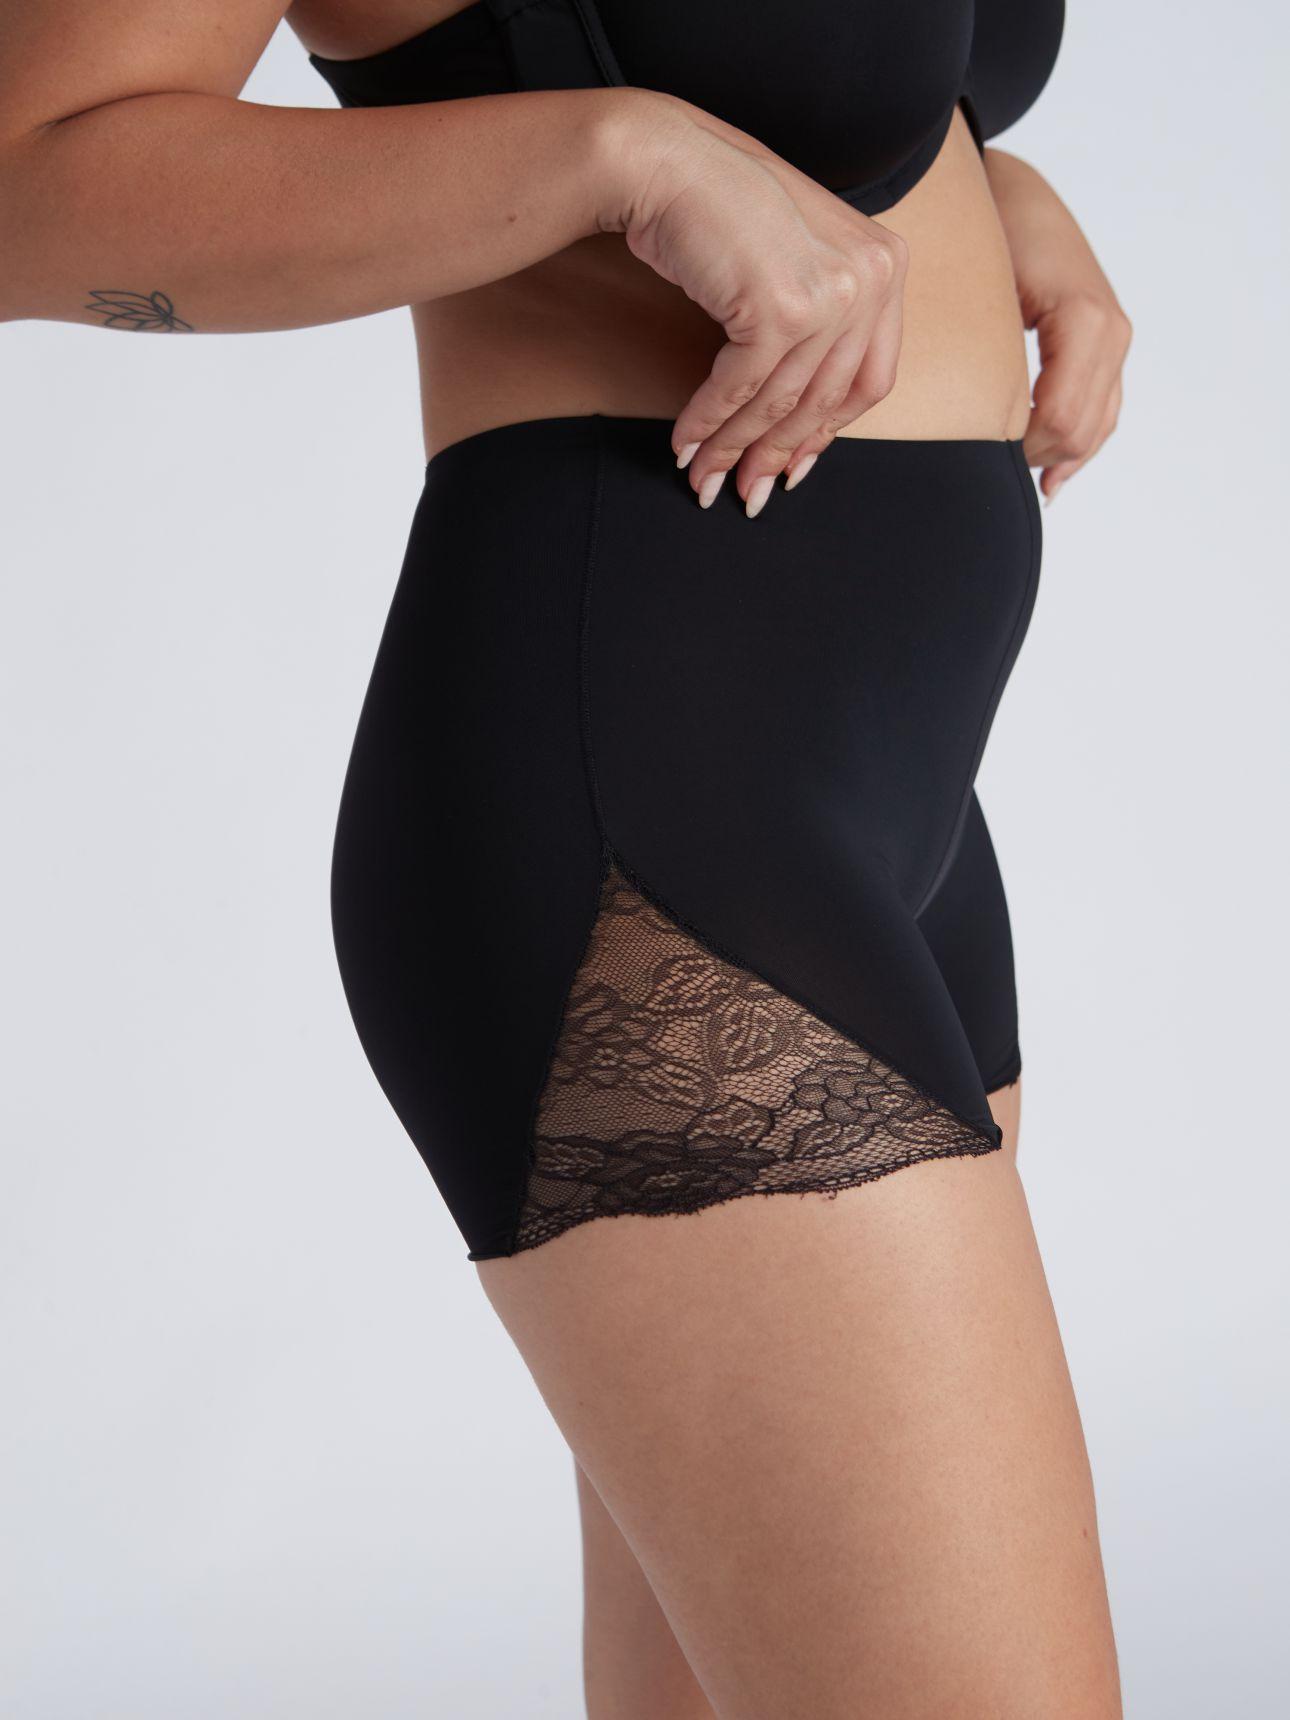 מחליק מכנס מיקרופייבר בשילוב תחרה בצבע שחור